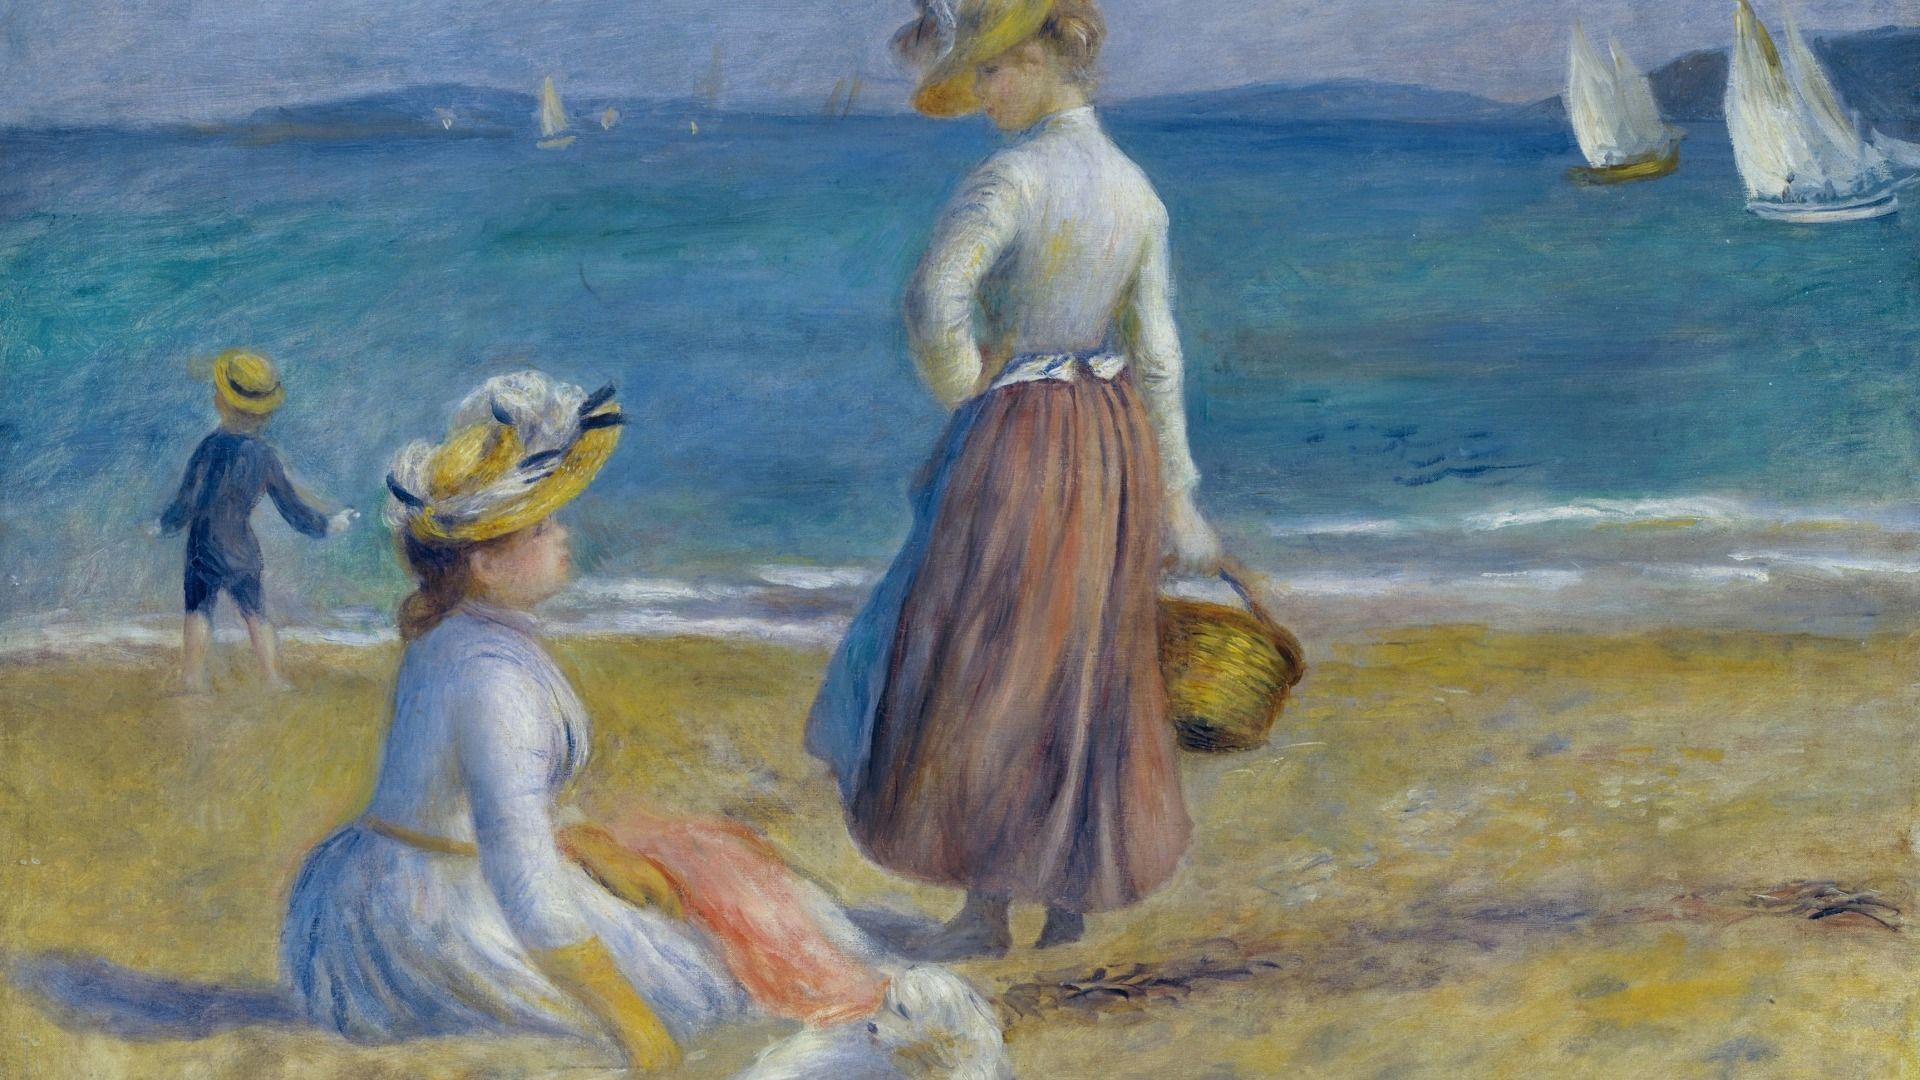 1920x1080 thuyền, Hình vẽ trên bãi biển, biển, Pierre Auguste Renoir,.  nghệ thuật